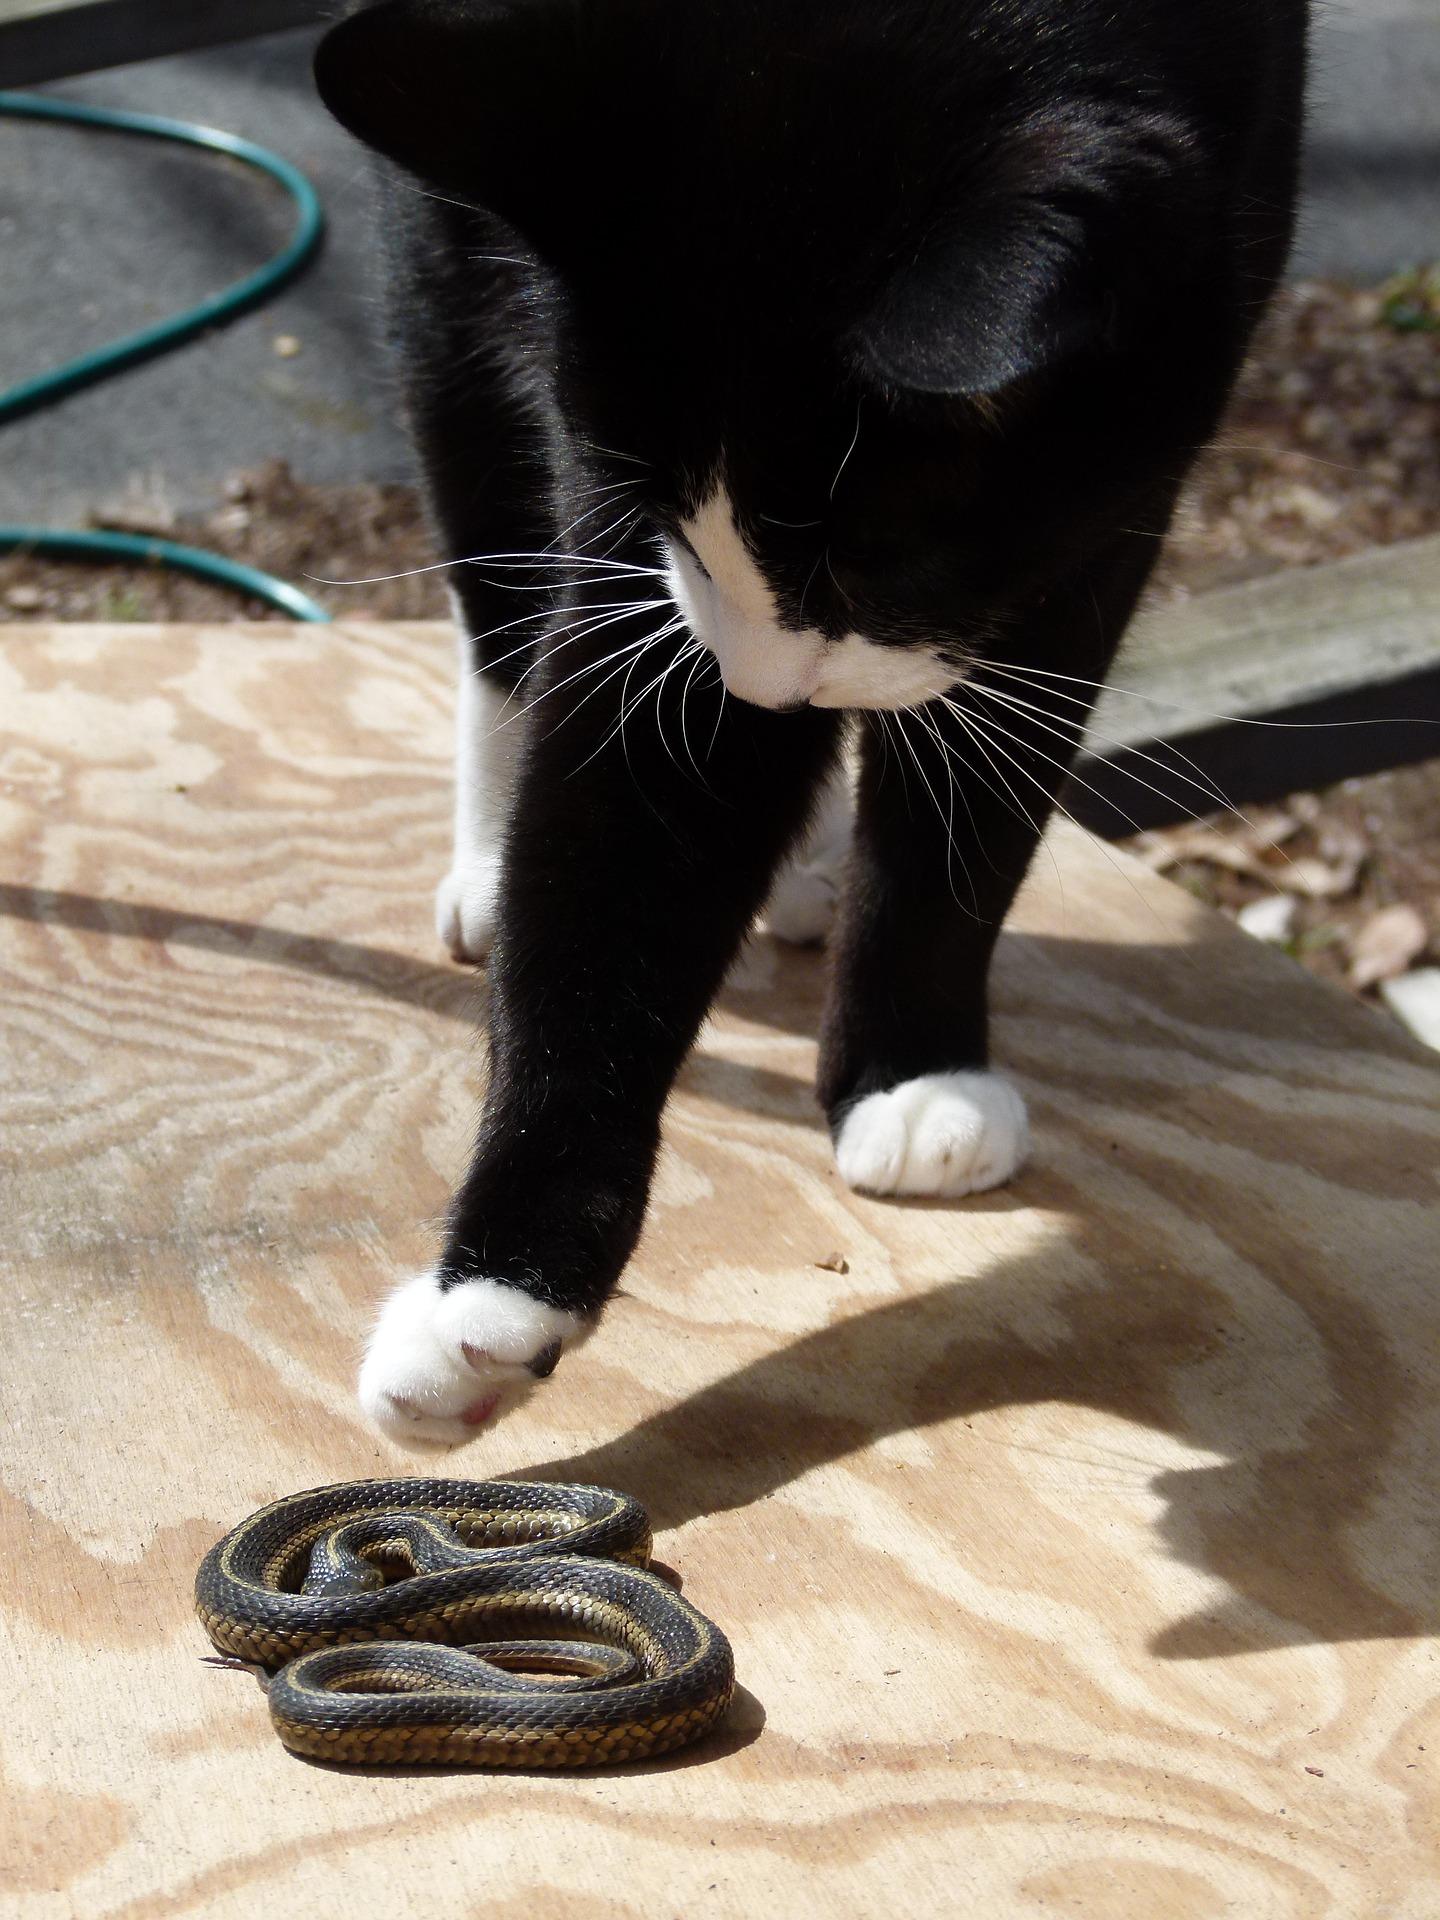 прорабатываем кот змея картинки напиток